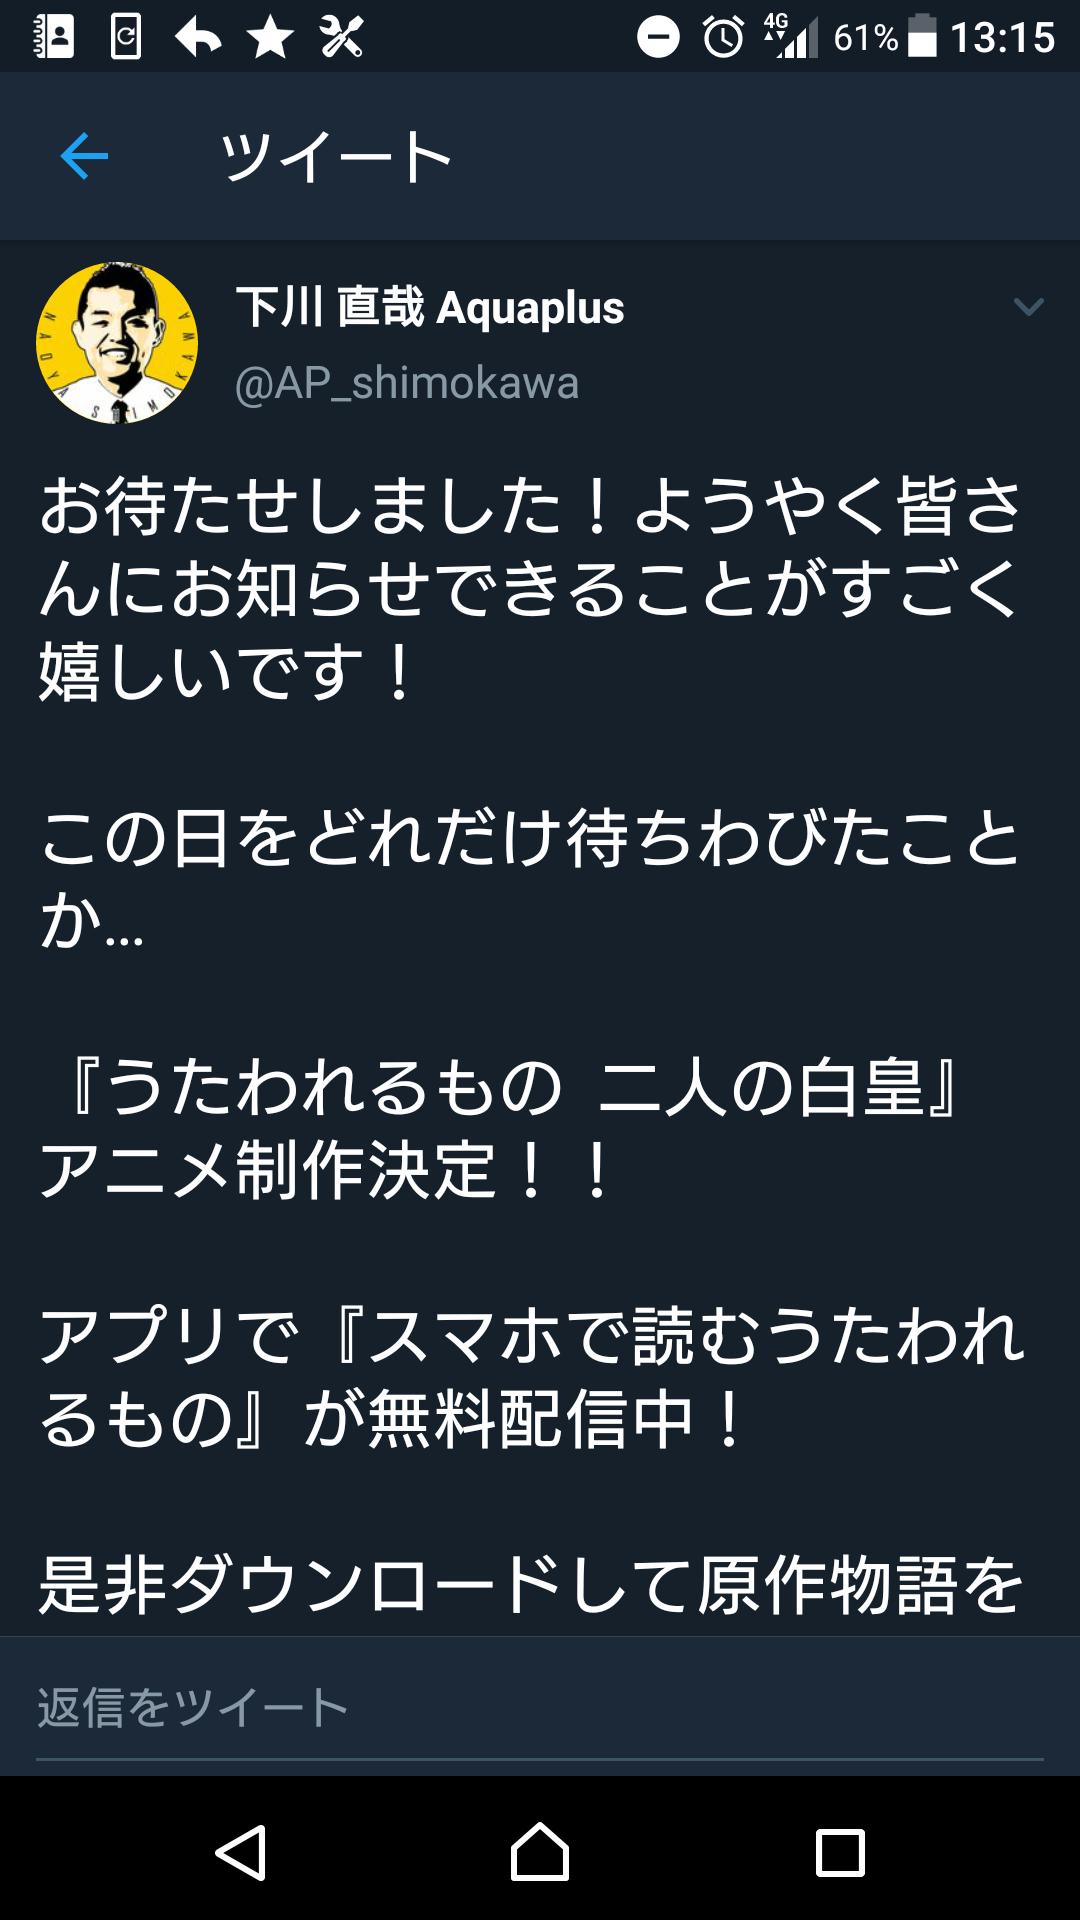 Tq93qMK - 【速報】『うたわれるもの 二人の白皇』アニメ制作決定!!!!!!!!!!!!!!